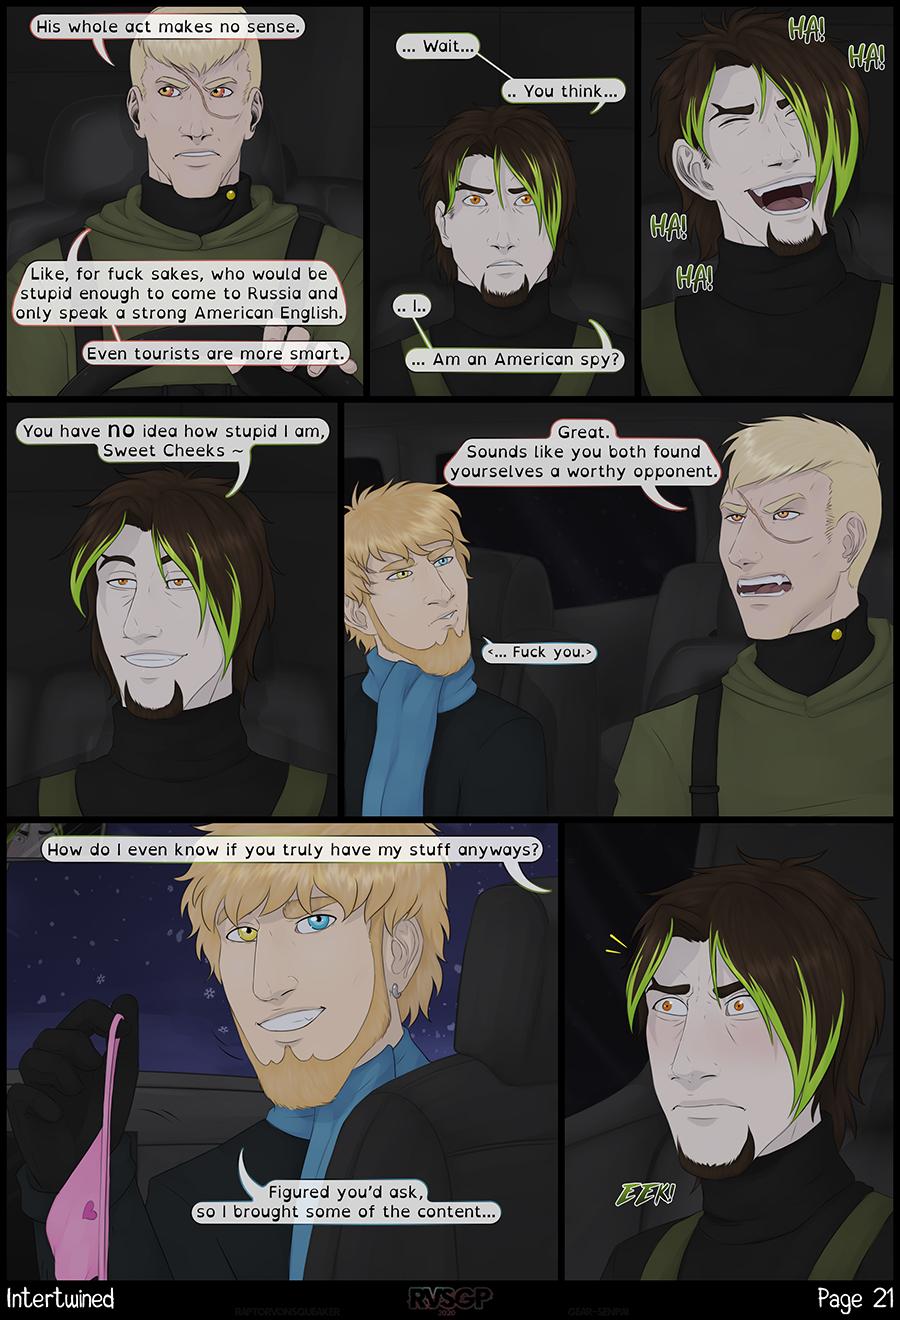 Page 21 - You have no idea.